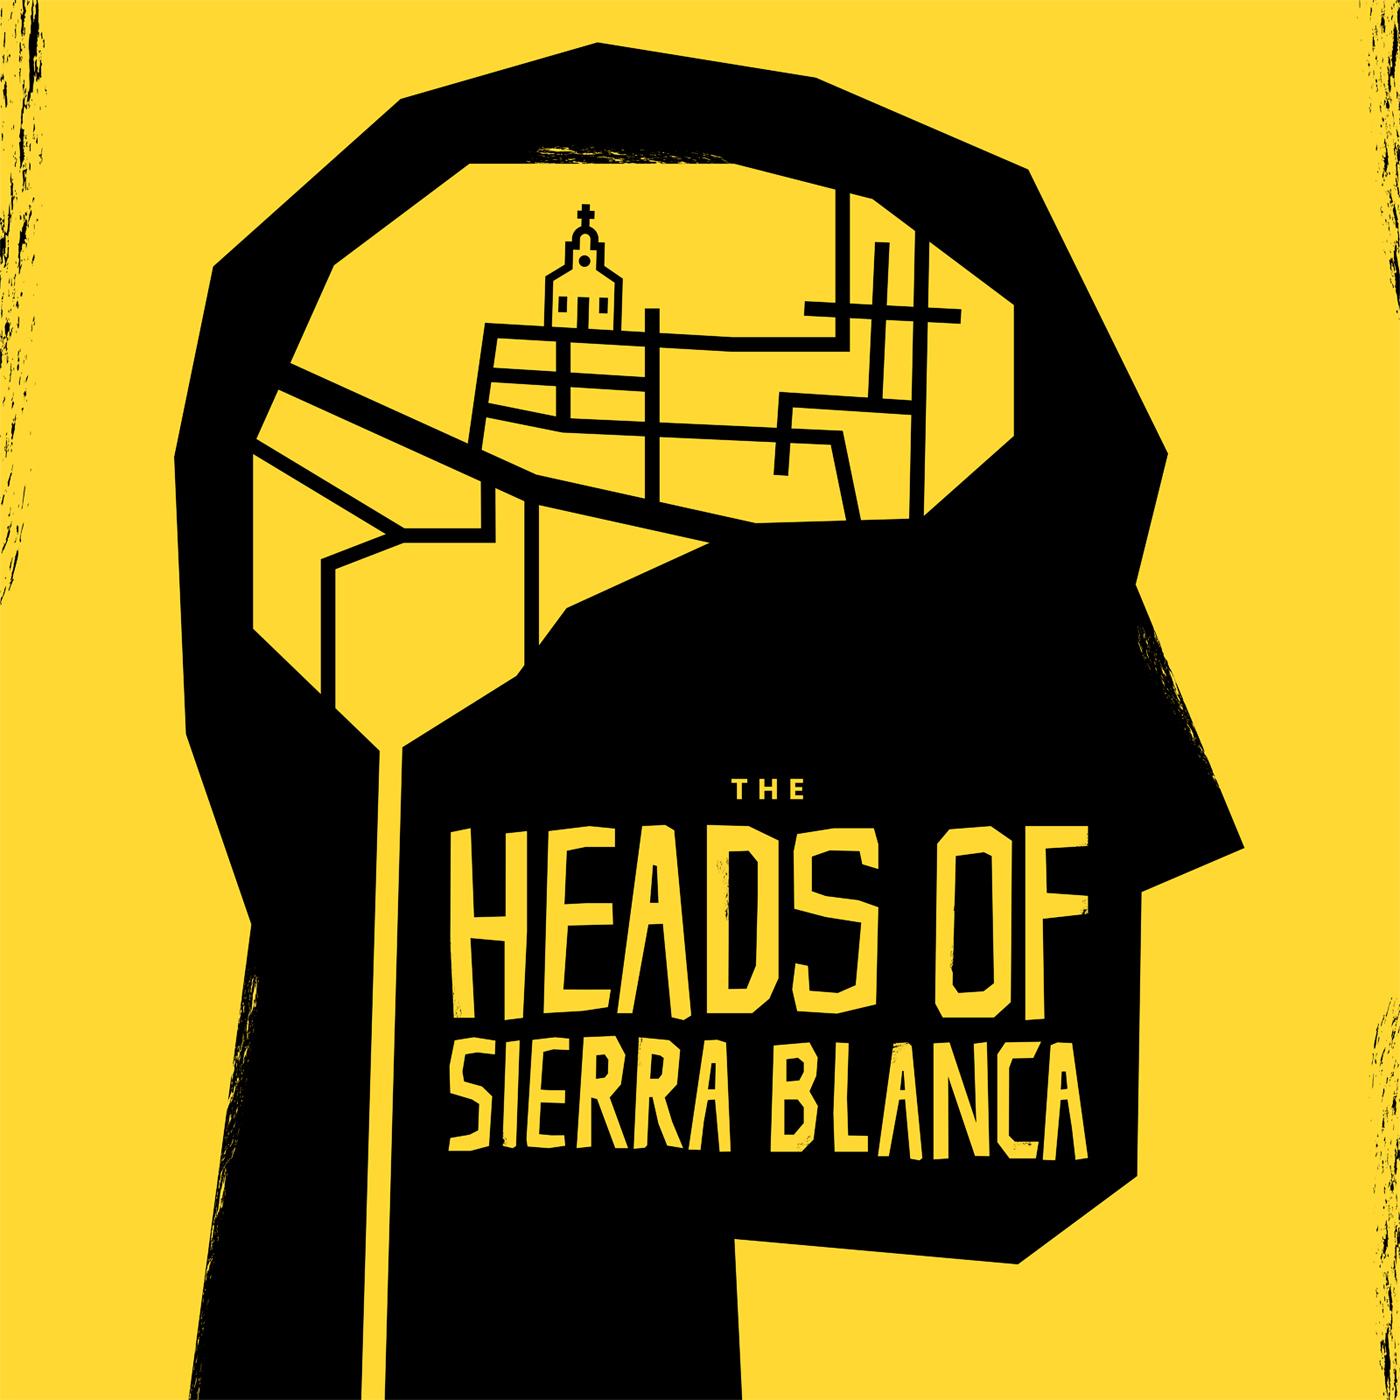 Bonus: The Heads of Sierra Blanca